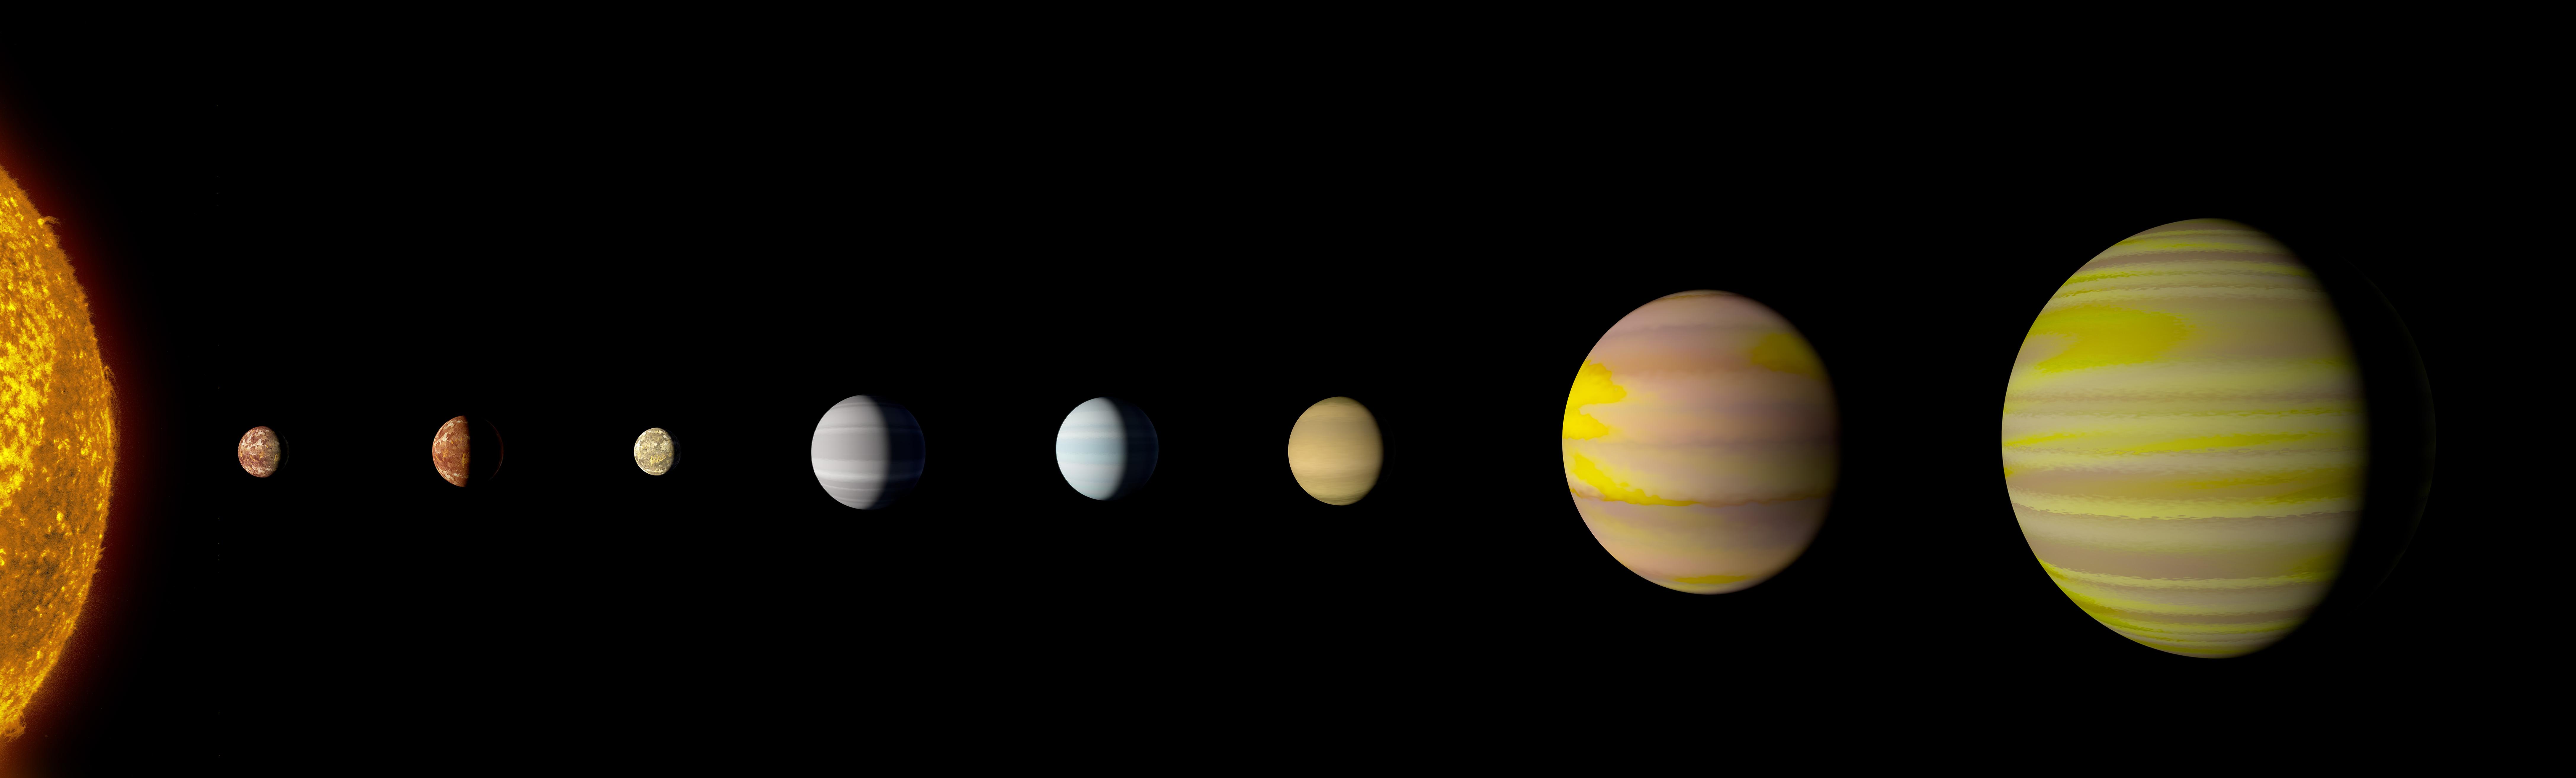 La NASA et Google découvrent des exoplanètes grâce à l'intelligence artificielle